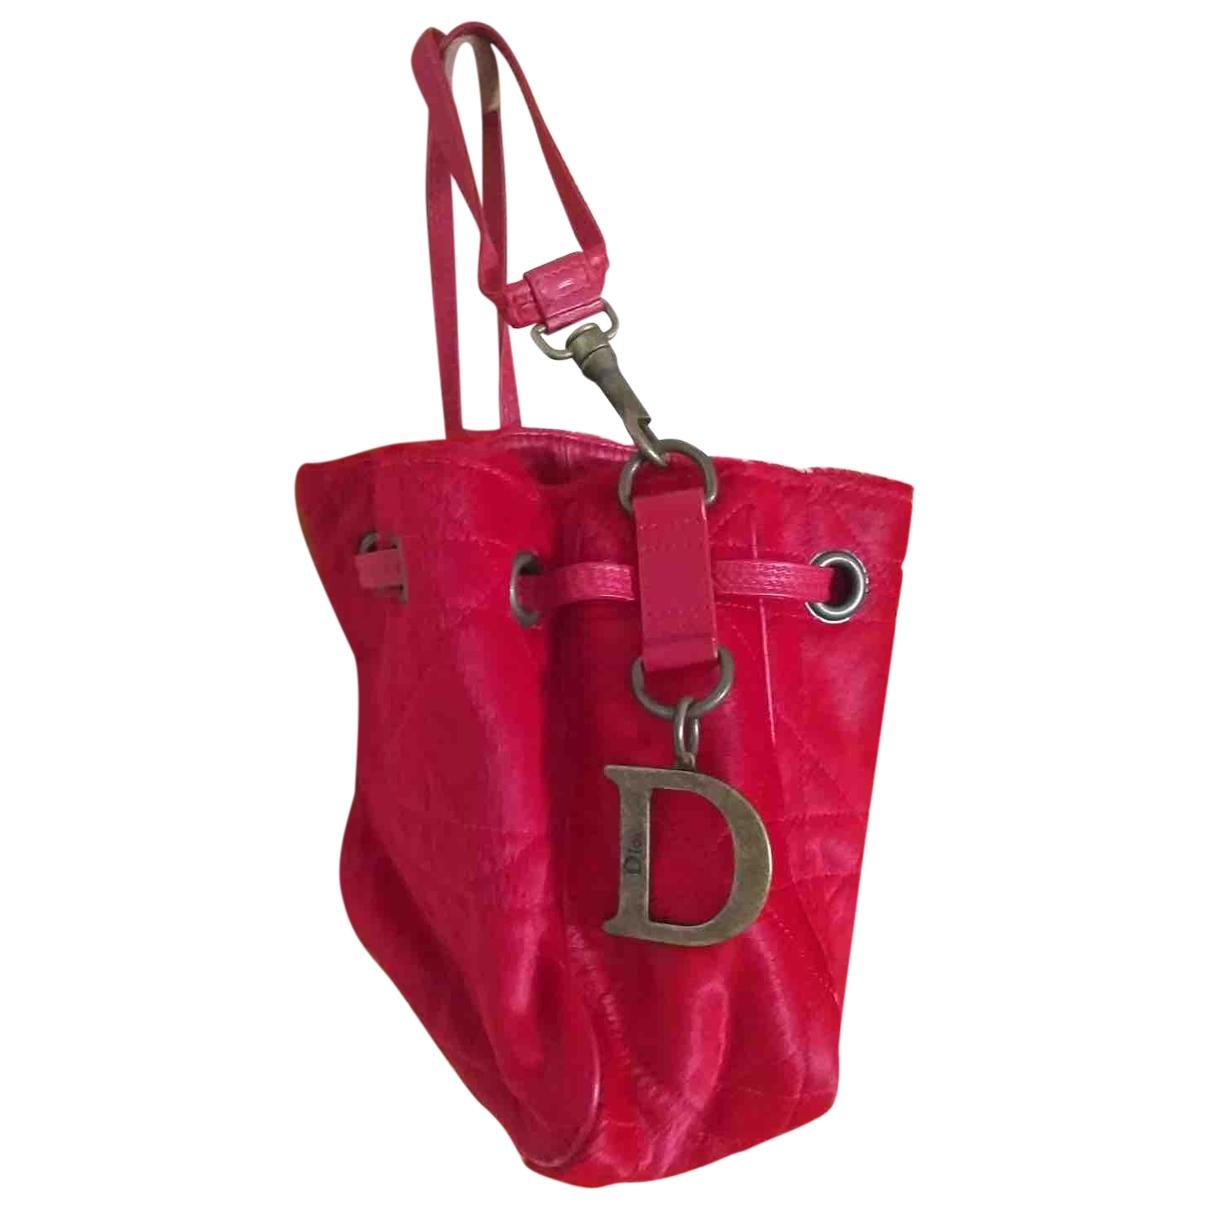 Dior \N Handtasche in  Rot Kalbsleder in Pony-Optik